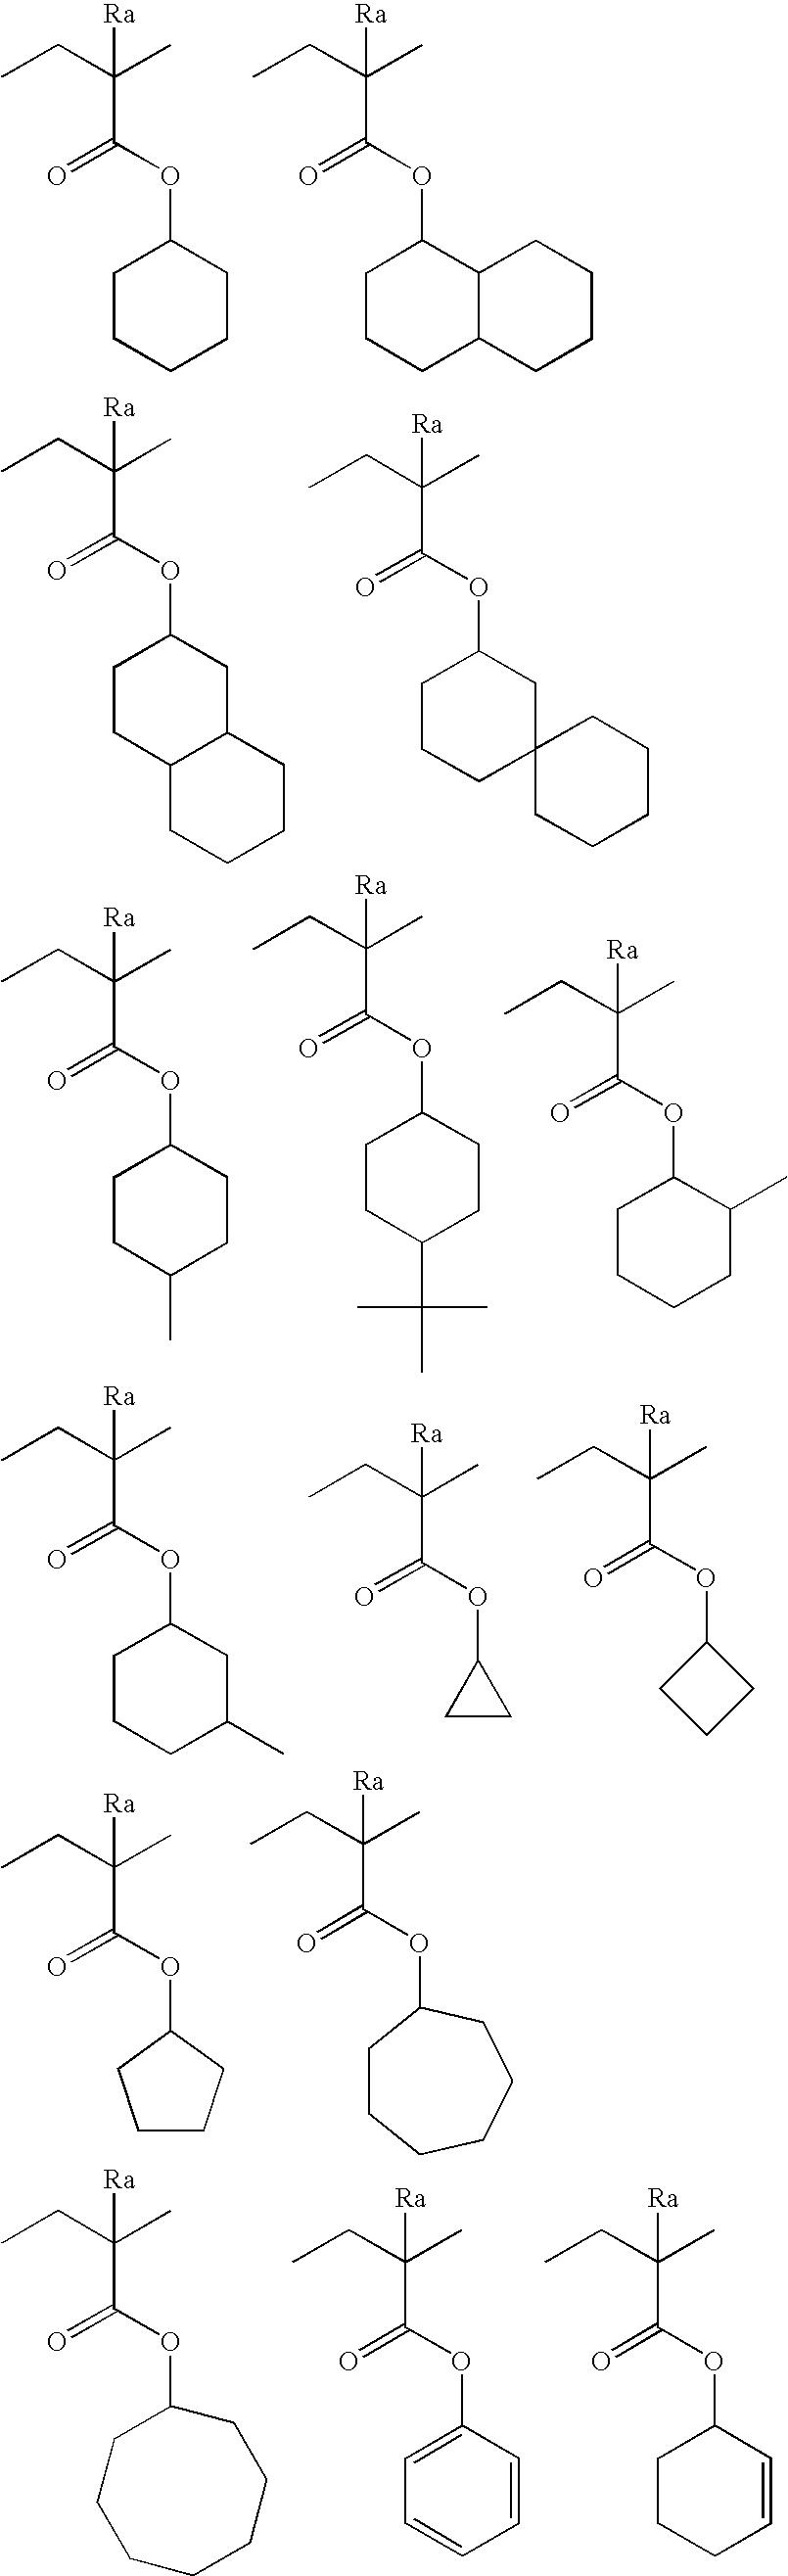 Figure US07998655-20110816-C00035